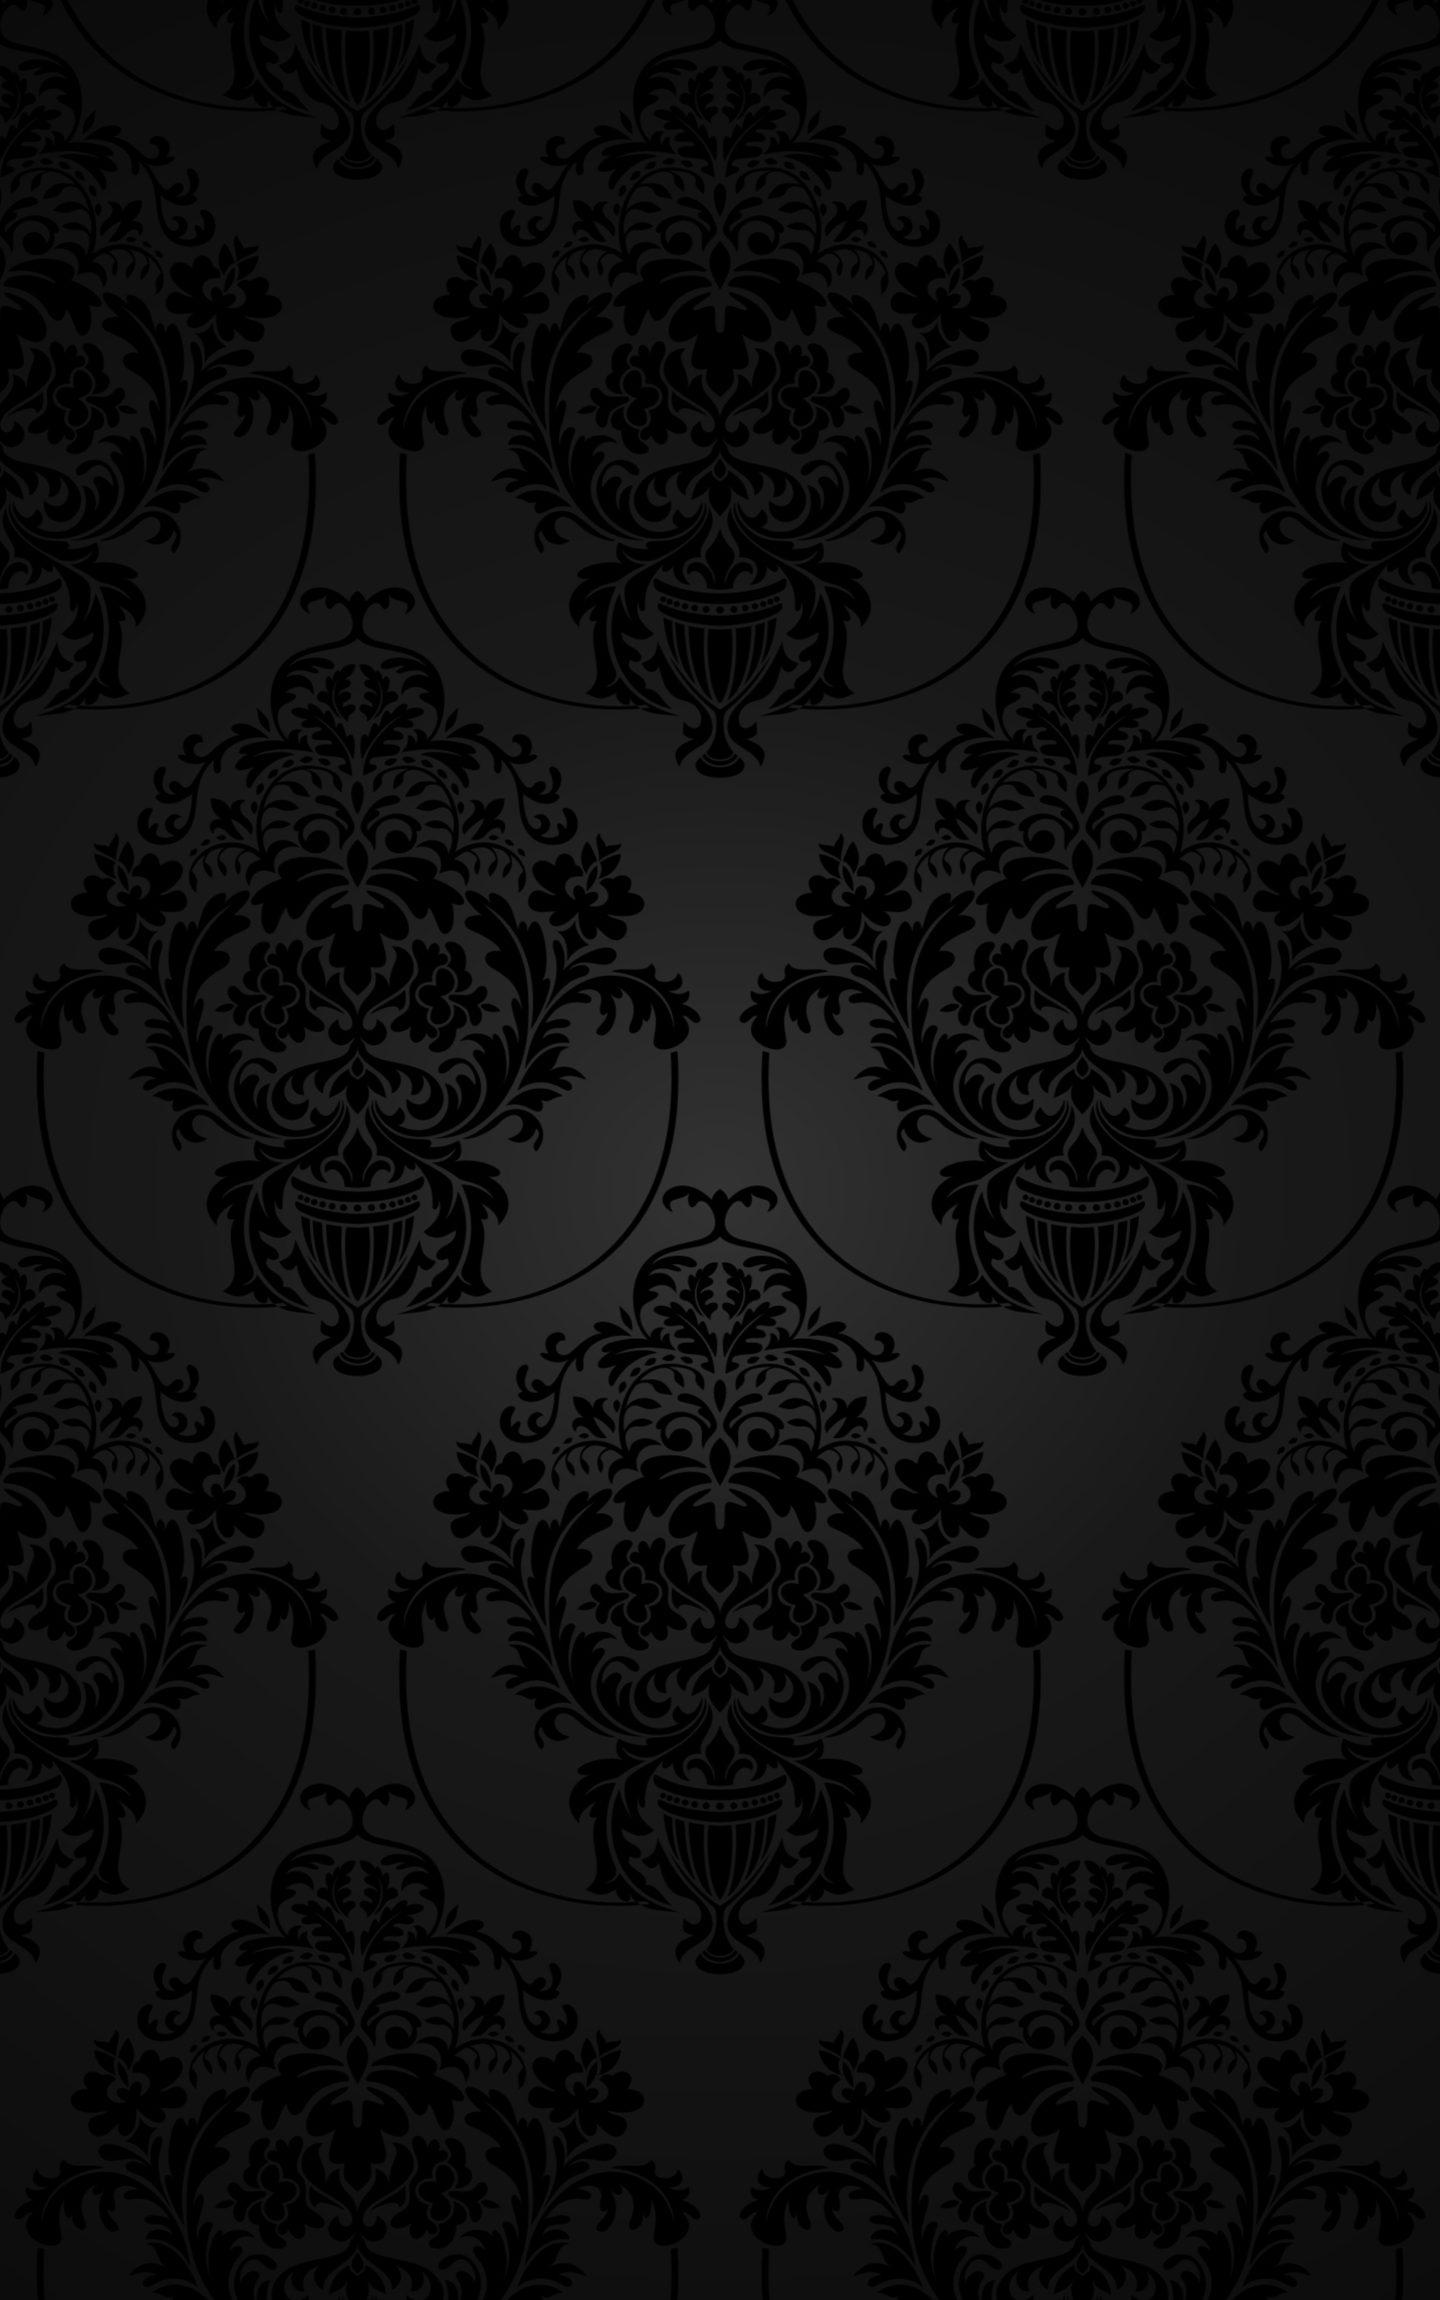 4k Wallpaper Dark For Mobile Hd Wallpaper For Desktop Background